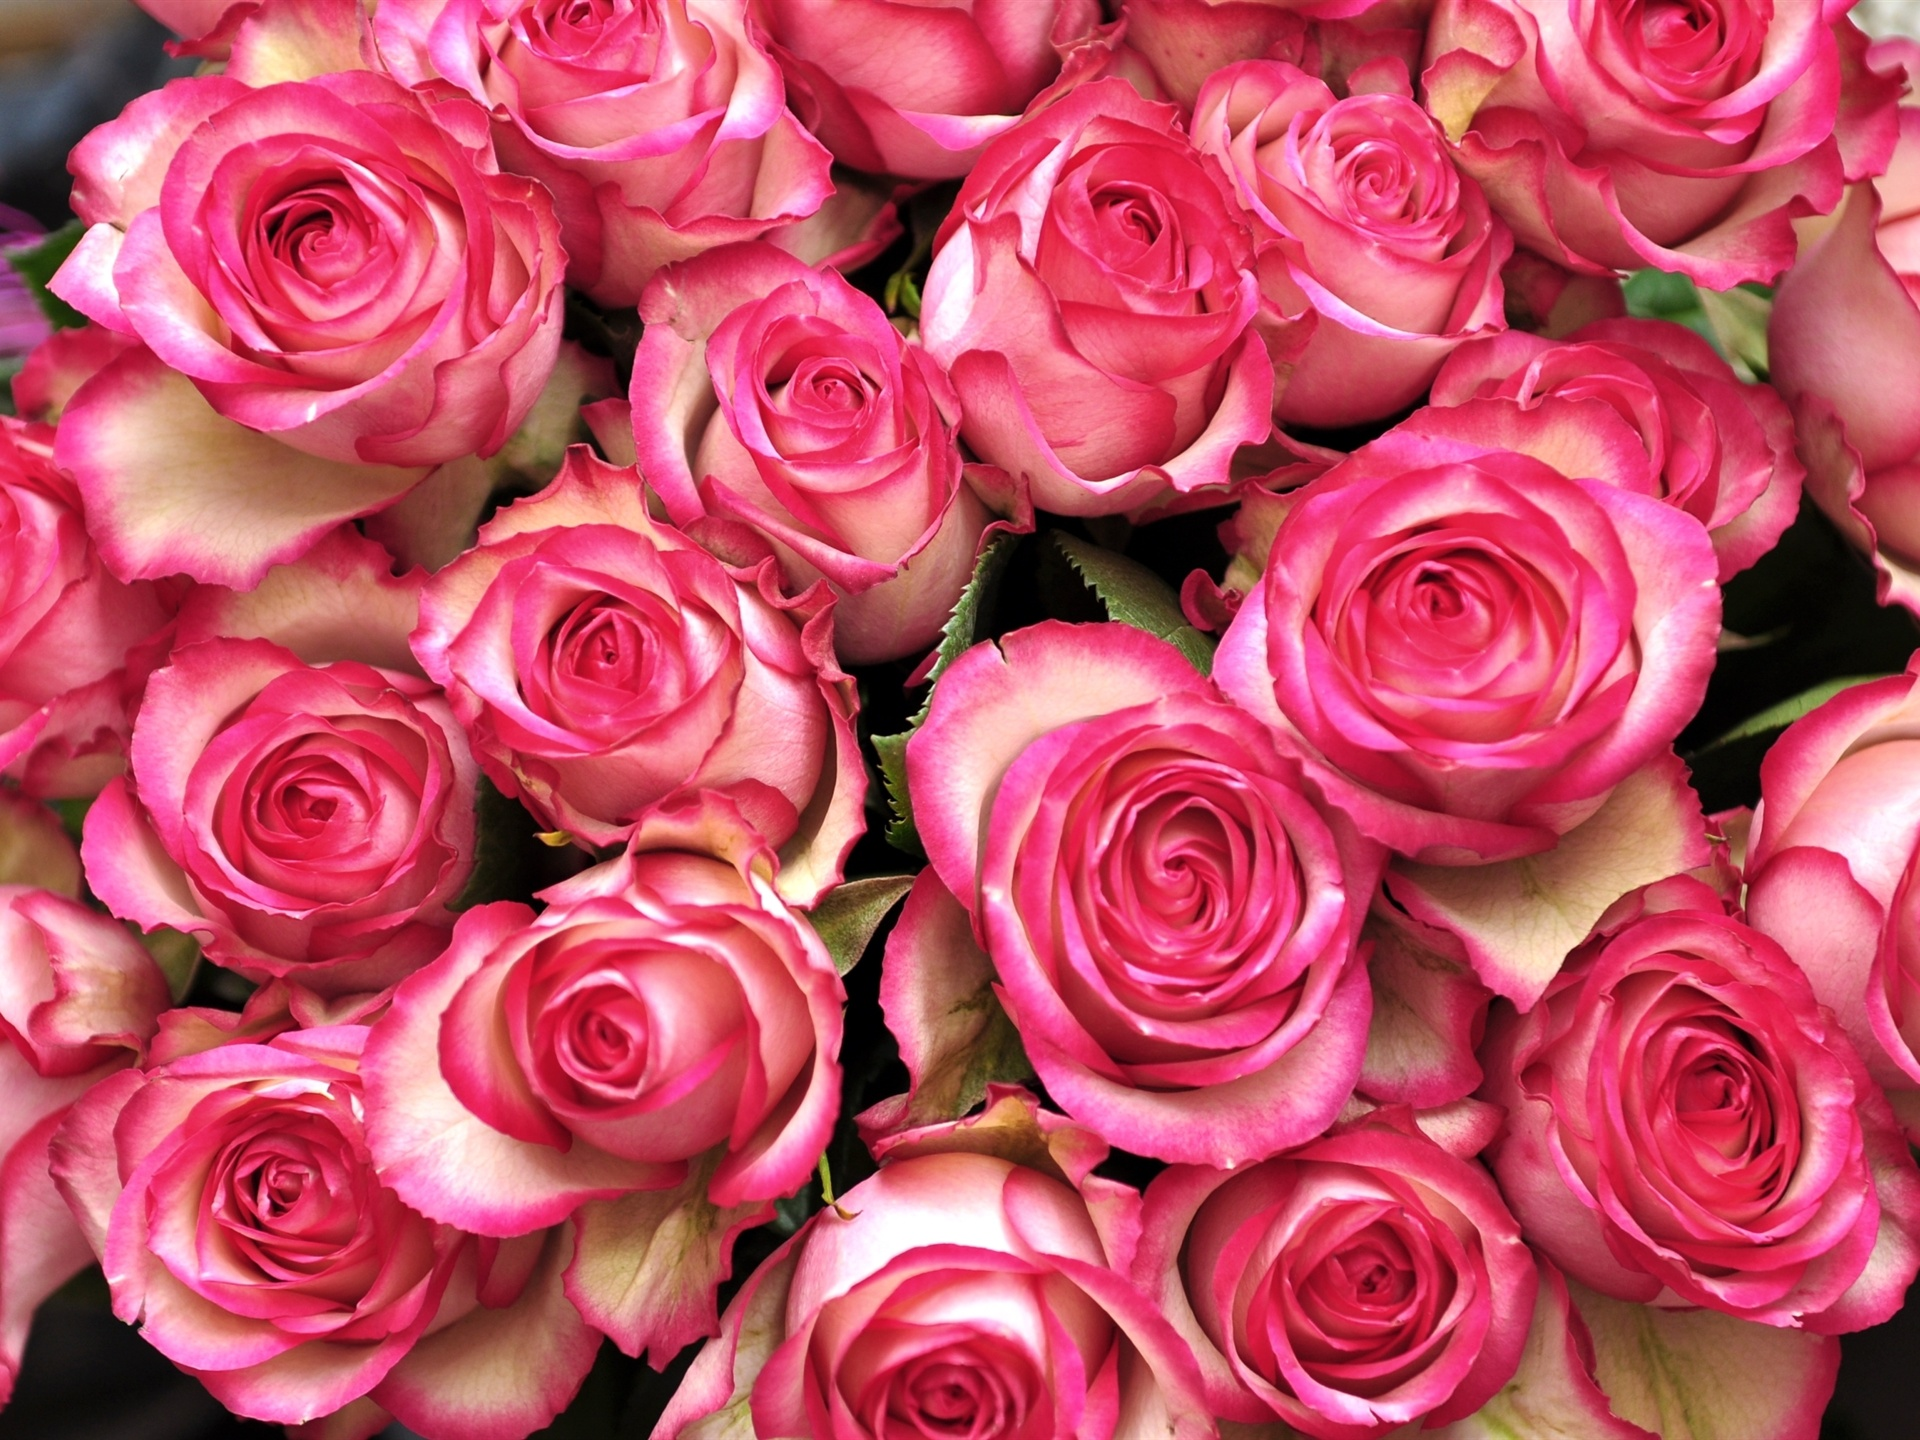 Розы картинки большие размеры, новым